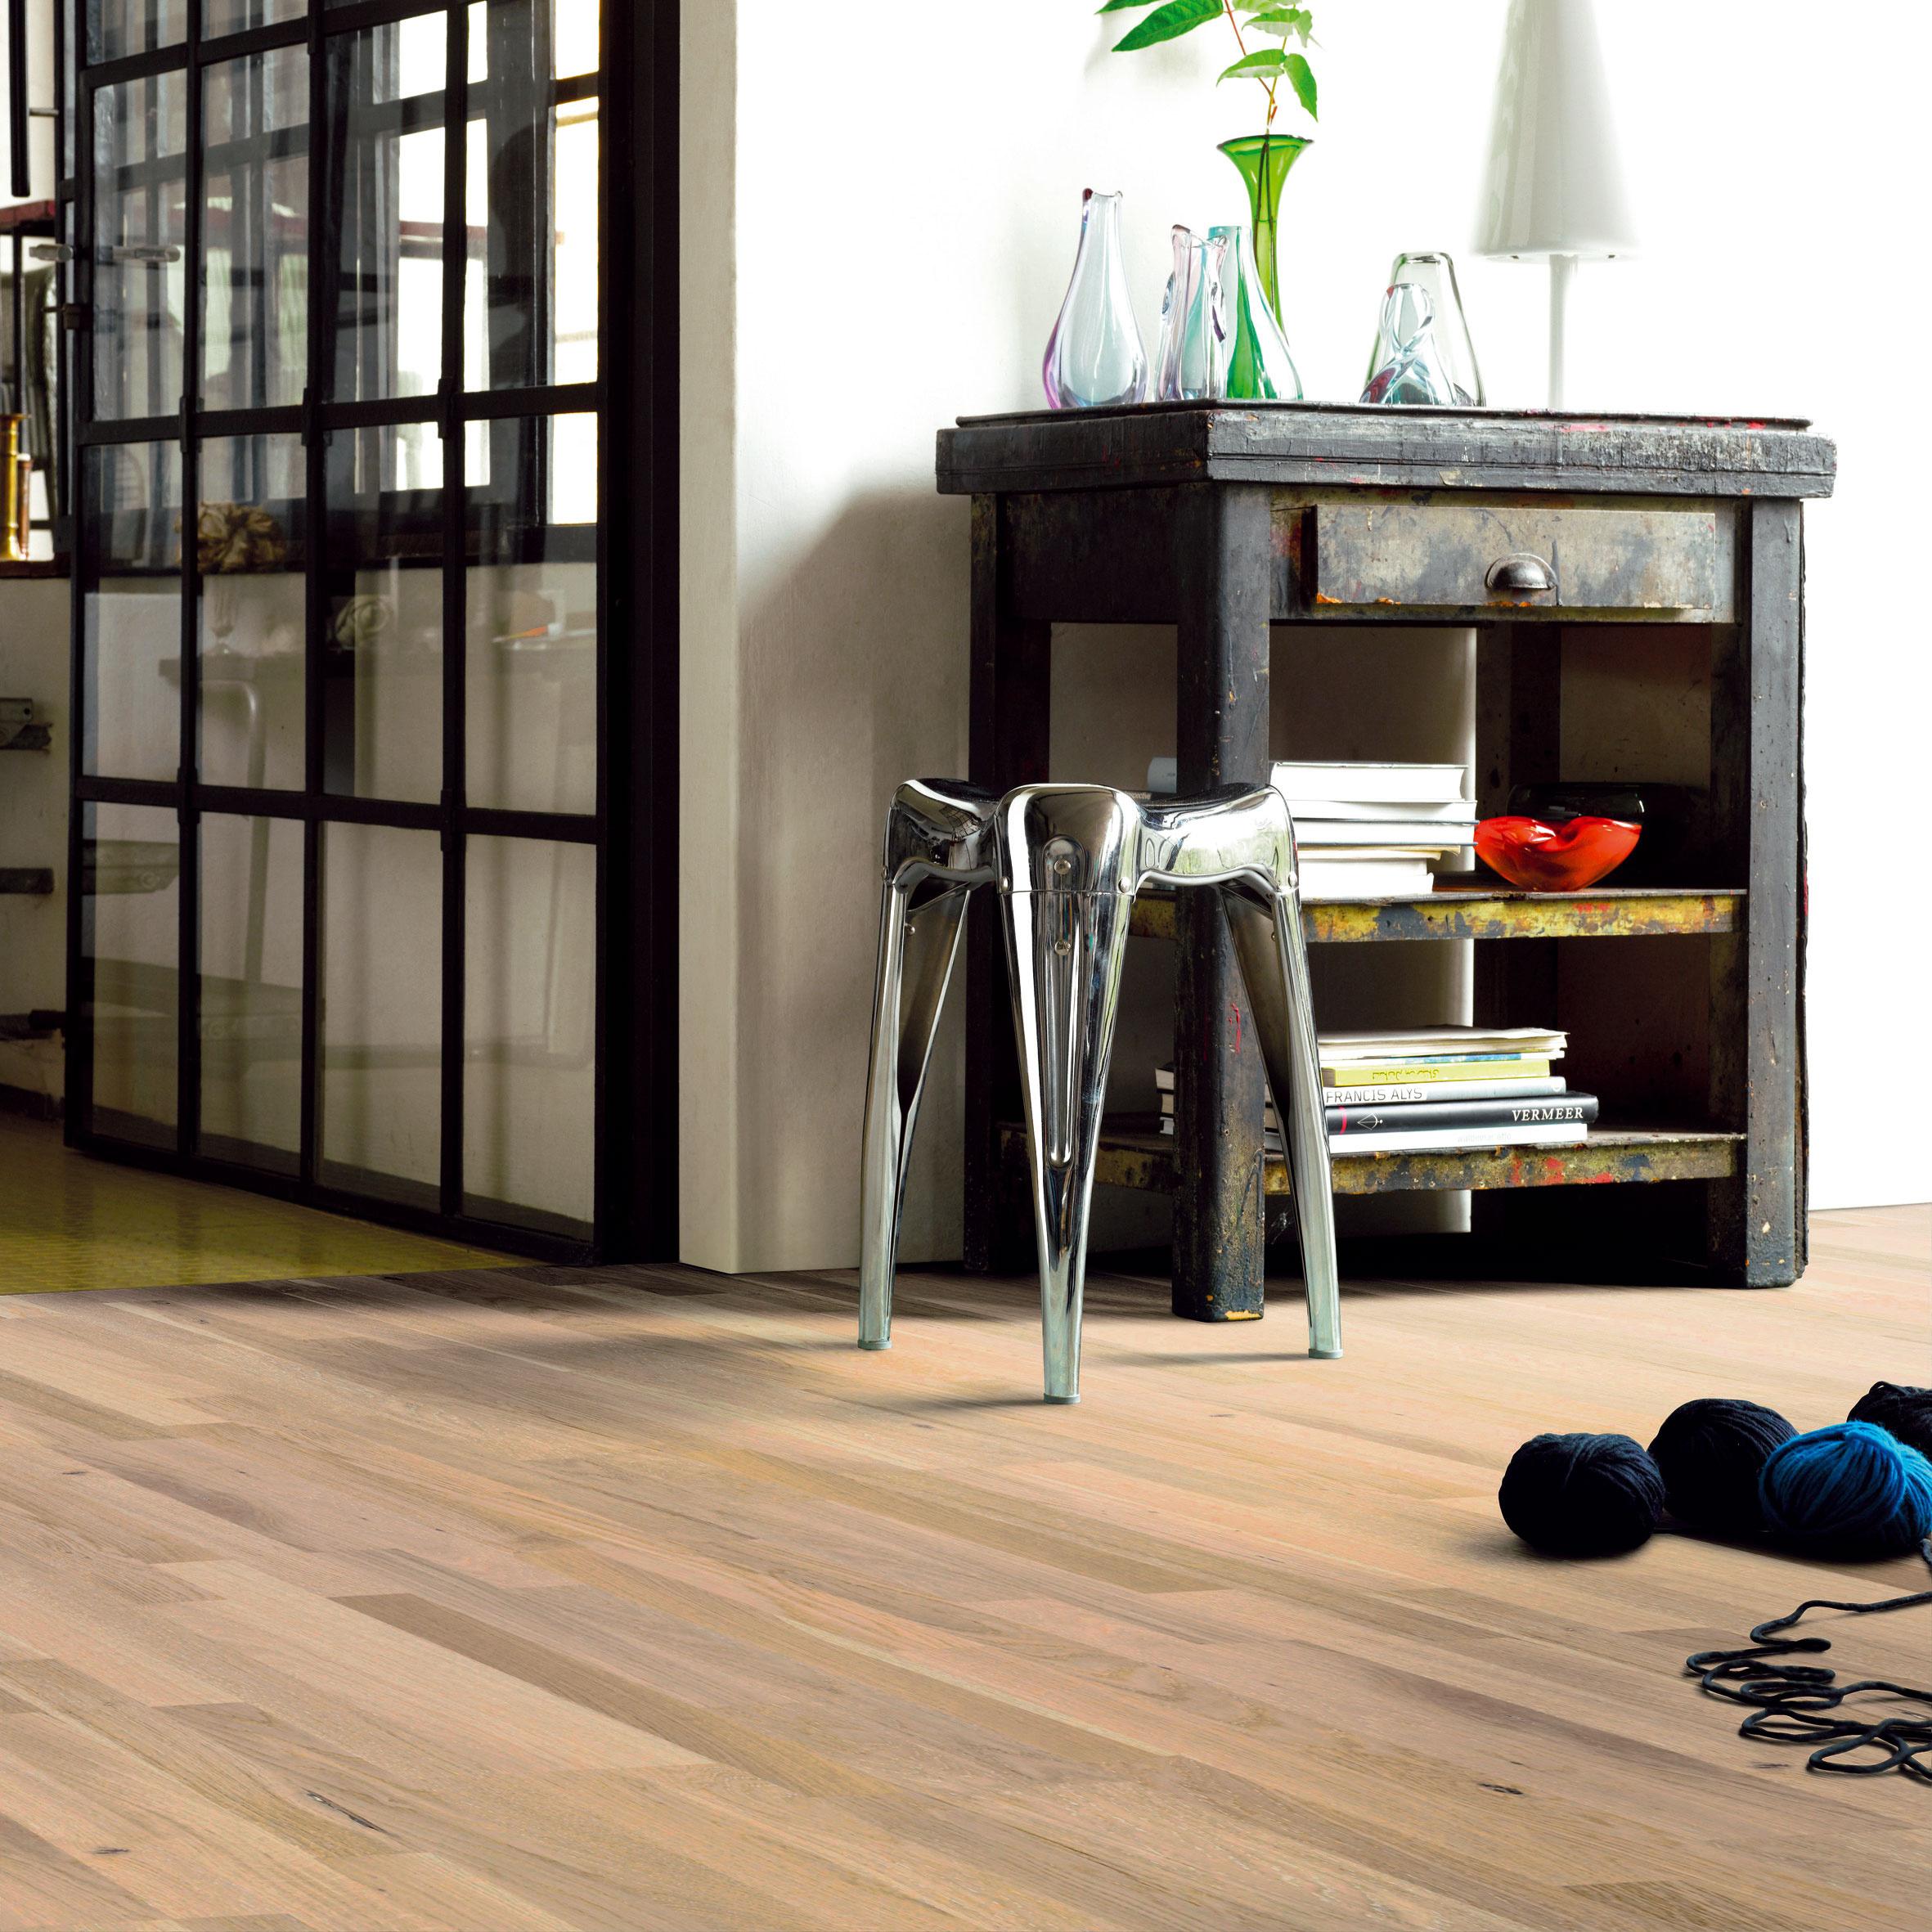 Dilatačné škáry pri stenách majú byť pri laminátovej podlahe vmiestnosti srelatívne nízkou vlhkosťou do 50 % široké viac ako 3 až 5 mm avmiestnosti zvyššou relatívnou vlhkosťou viac než 5 až 8 mm. (foto: Parador, predáva Koratex)